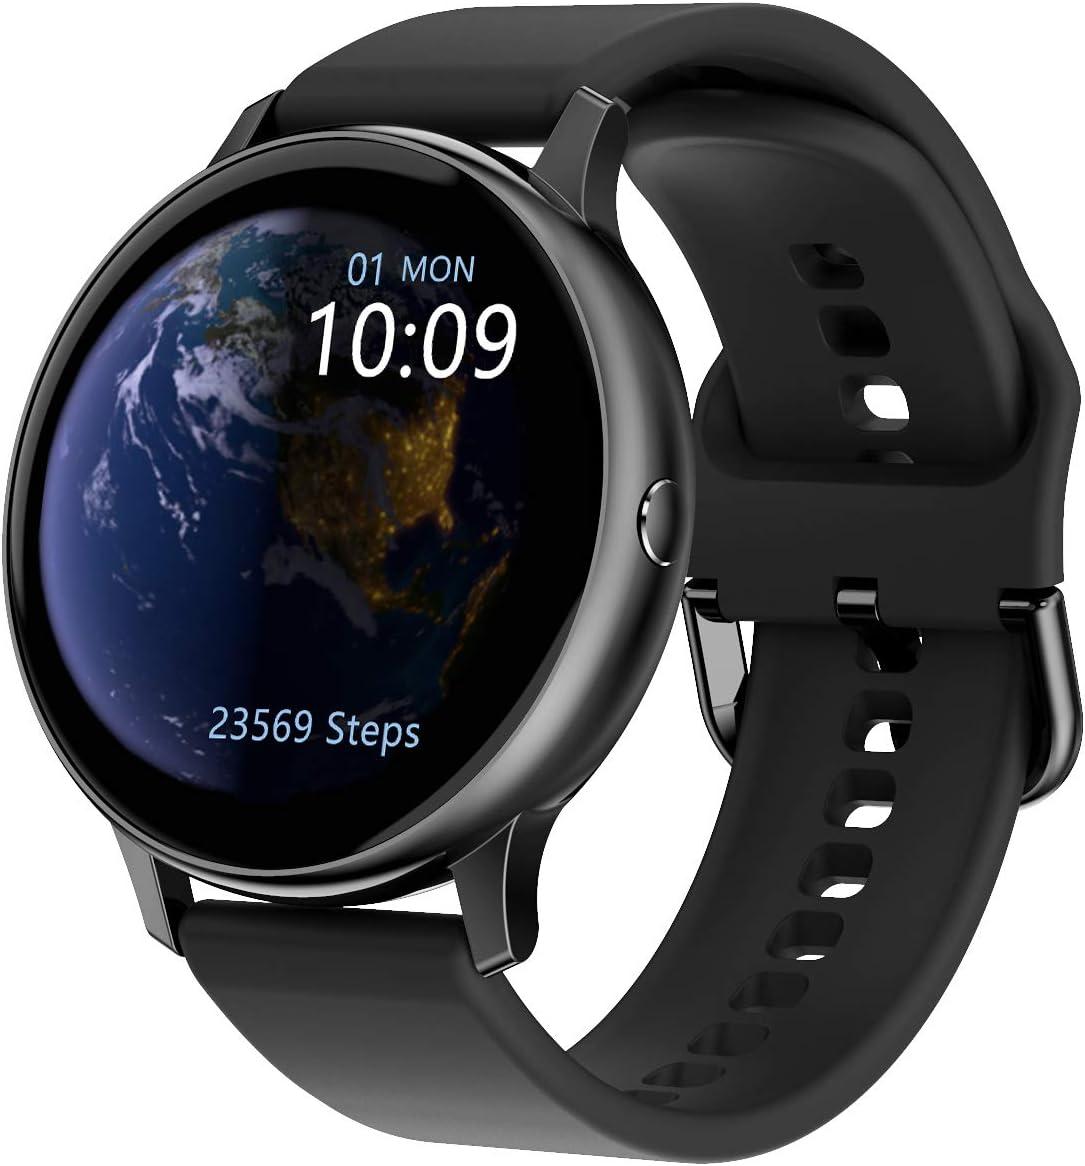 Relojes Inteligentes con rastreador de sueño por Pasos de frecuencia cardíaca, Reloj Inteligente a Prueba de Agua IP67 para niños, Hombres y Mujeres, Compatible con teléfonos iPhone Android